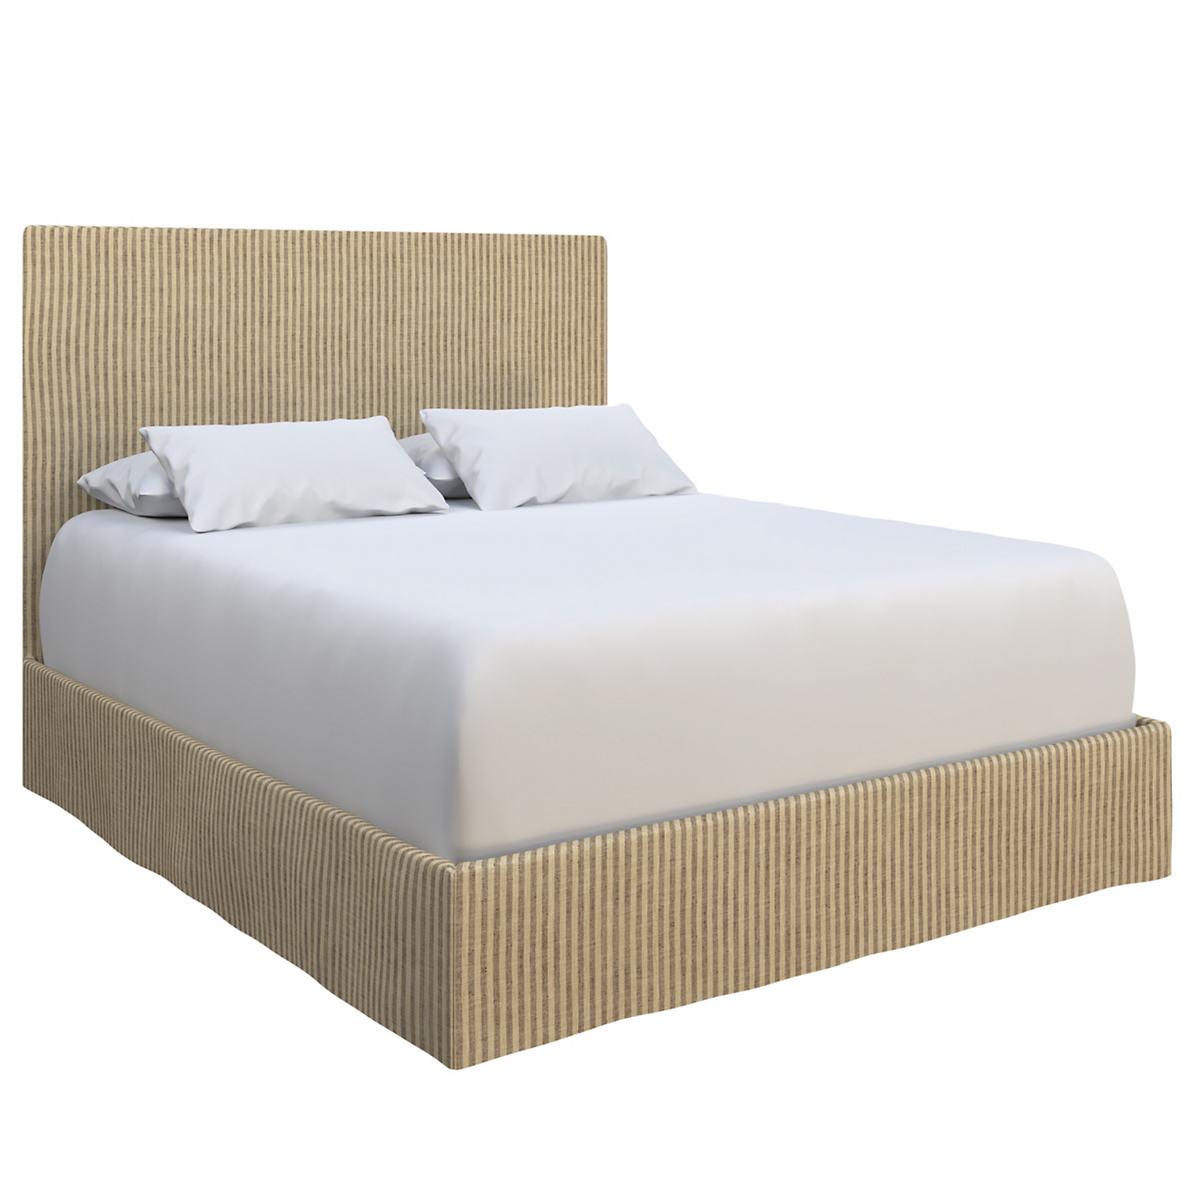 Adams Ticking Brown Langston Bed